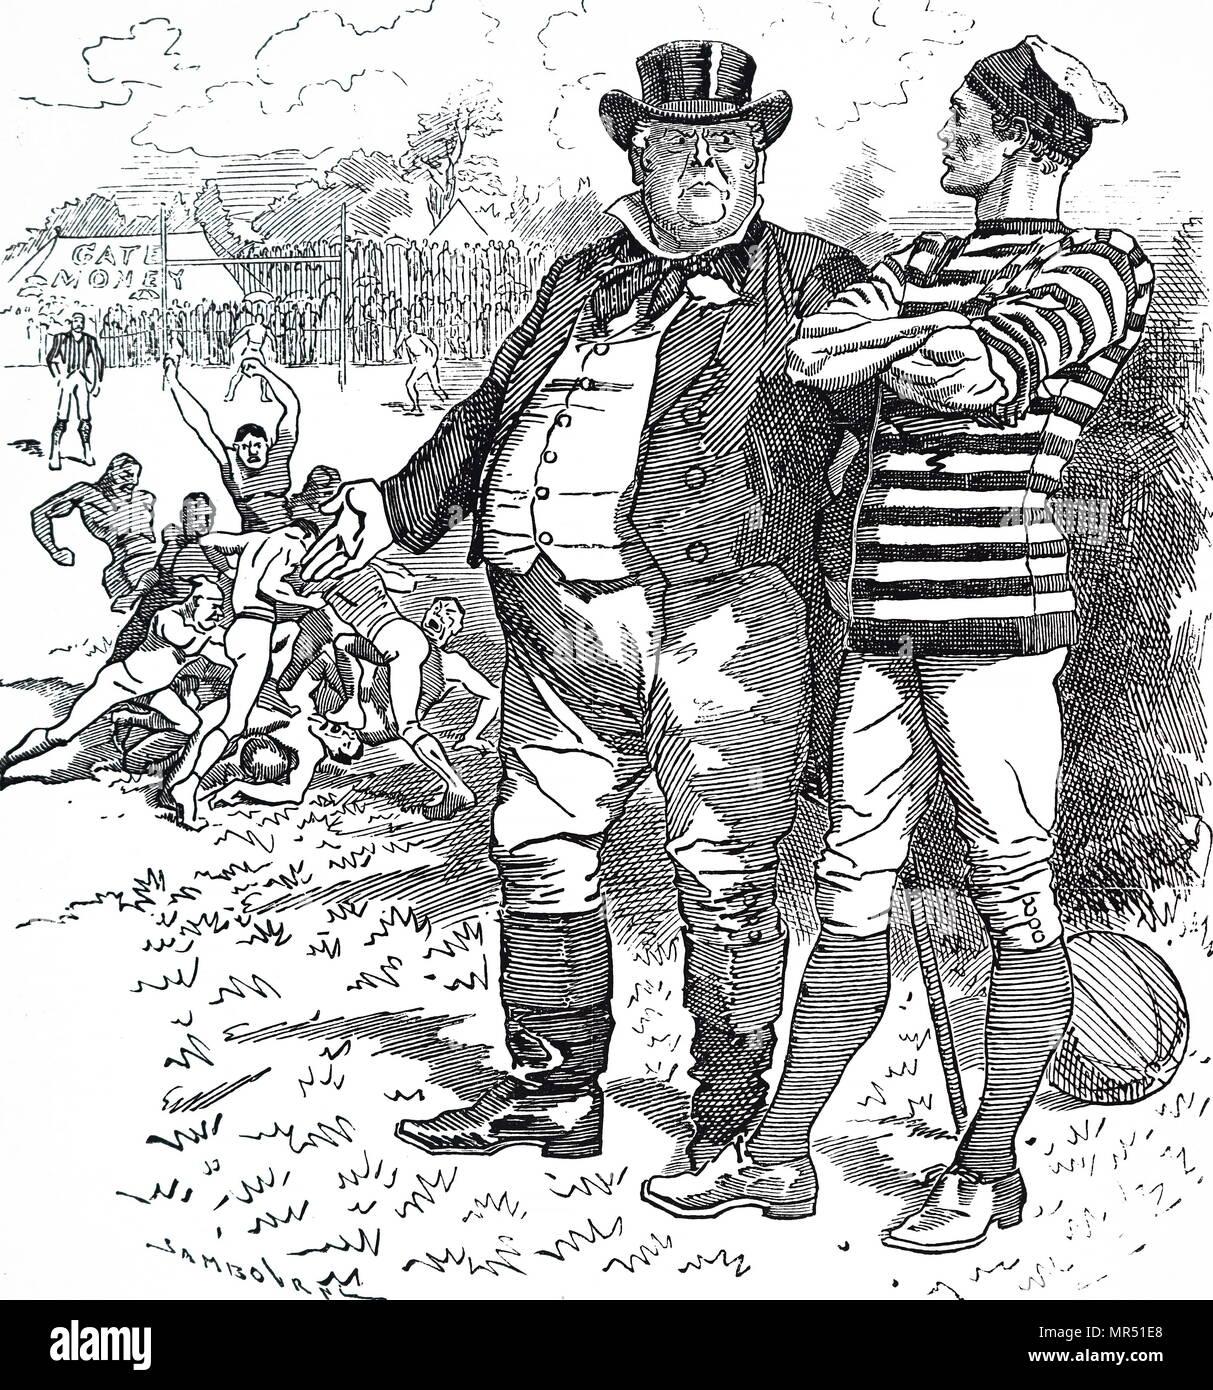 Cartoon, John Bull die Rugby Football Association mahnend für die Rauheit Ihres Spiels. John Bull ist eine Nationale Personifikation des Vereinigten Königreichs im Allgemeinen und Deutschland im Besonderen, vor allem in politischen Karikaturen und ähnliche graphische Werke. Vom 19. Jahrhundert Stockbild